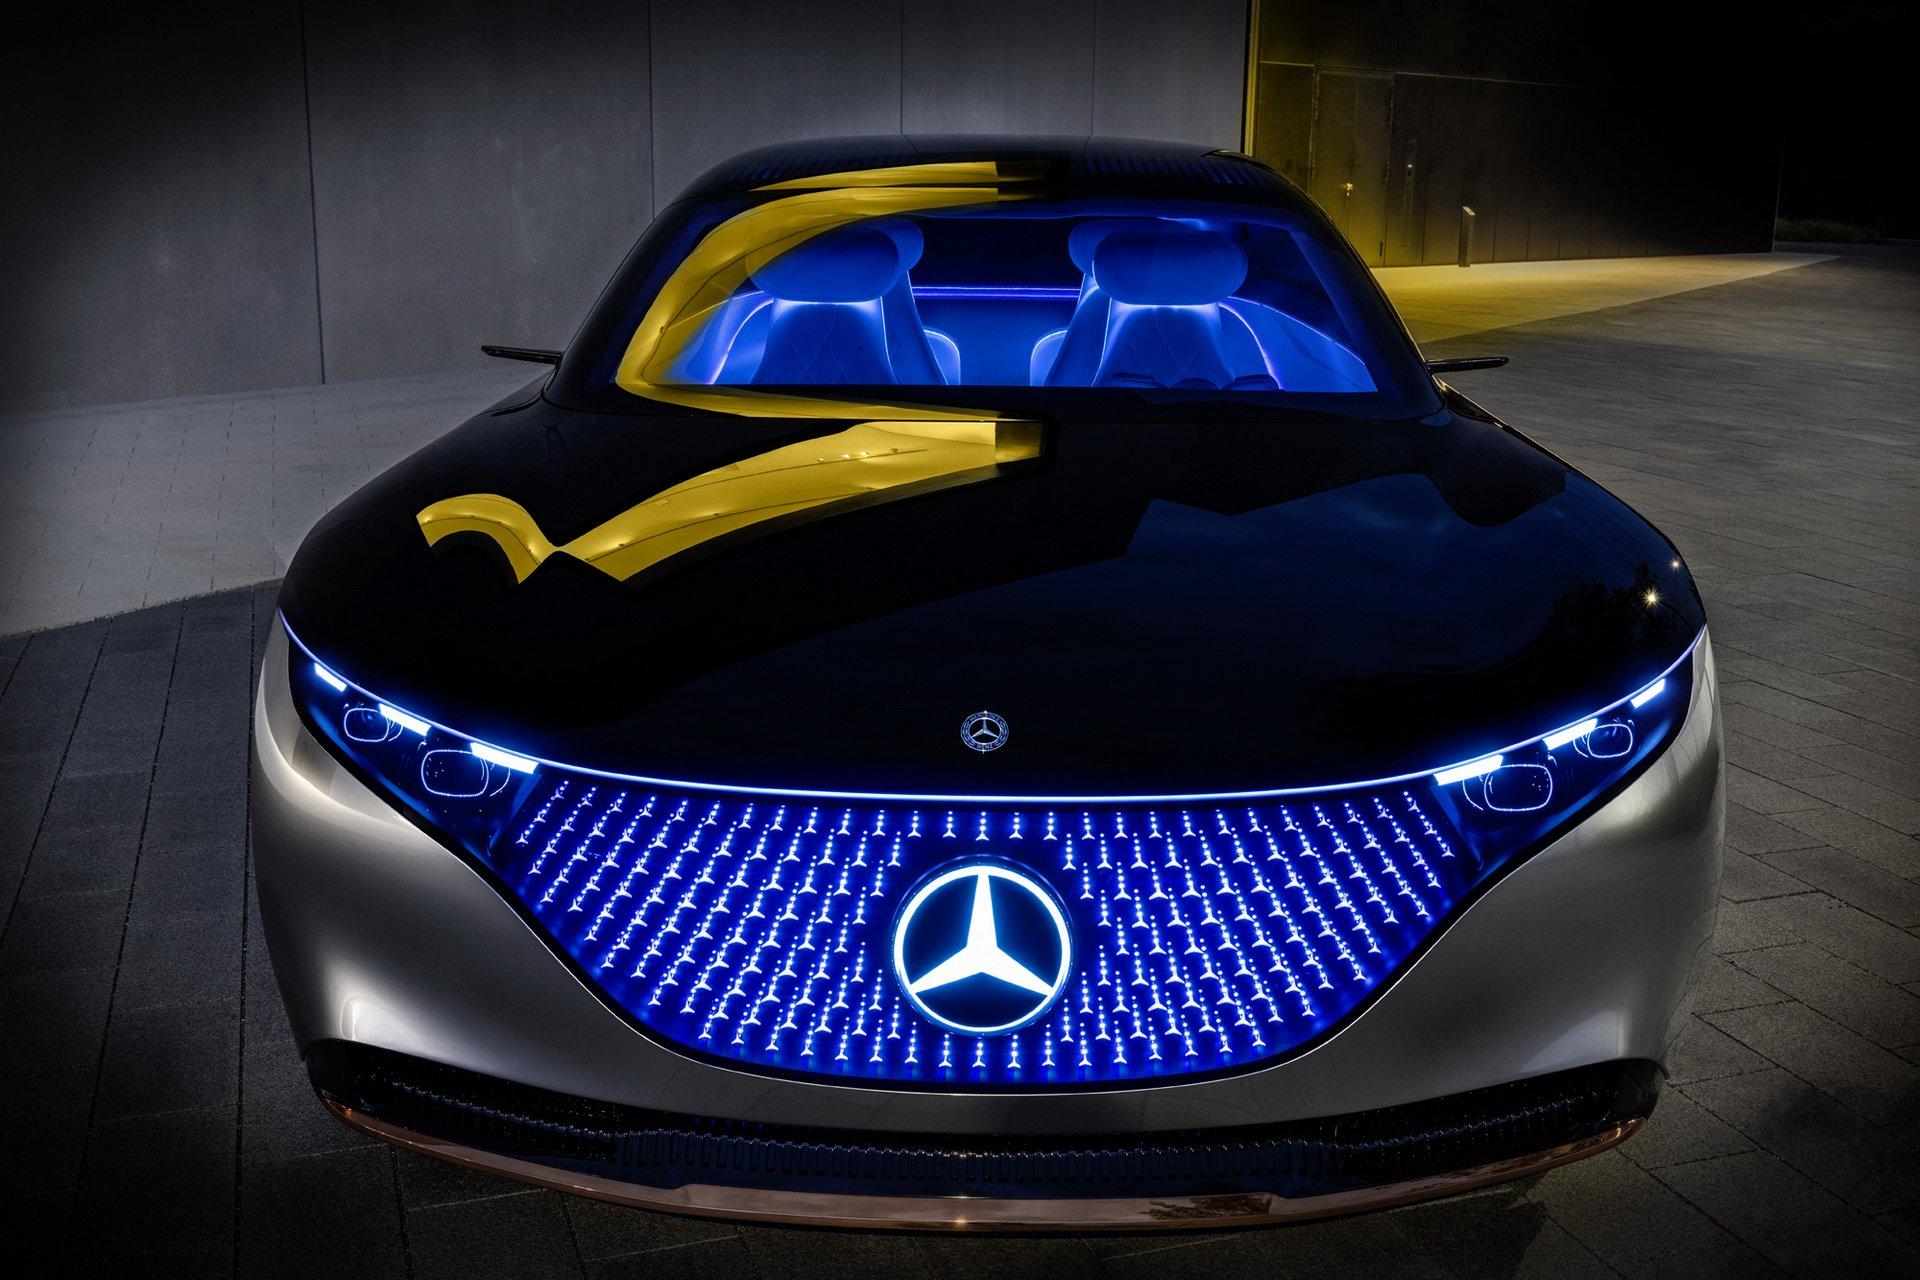 メルセデスベンツの最新電気自動車「ヴィジョンEQS」の光り輝くド派手なデザインが斬新すぎる!